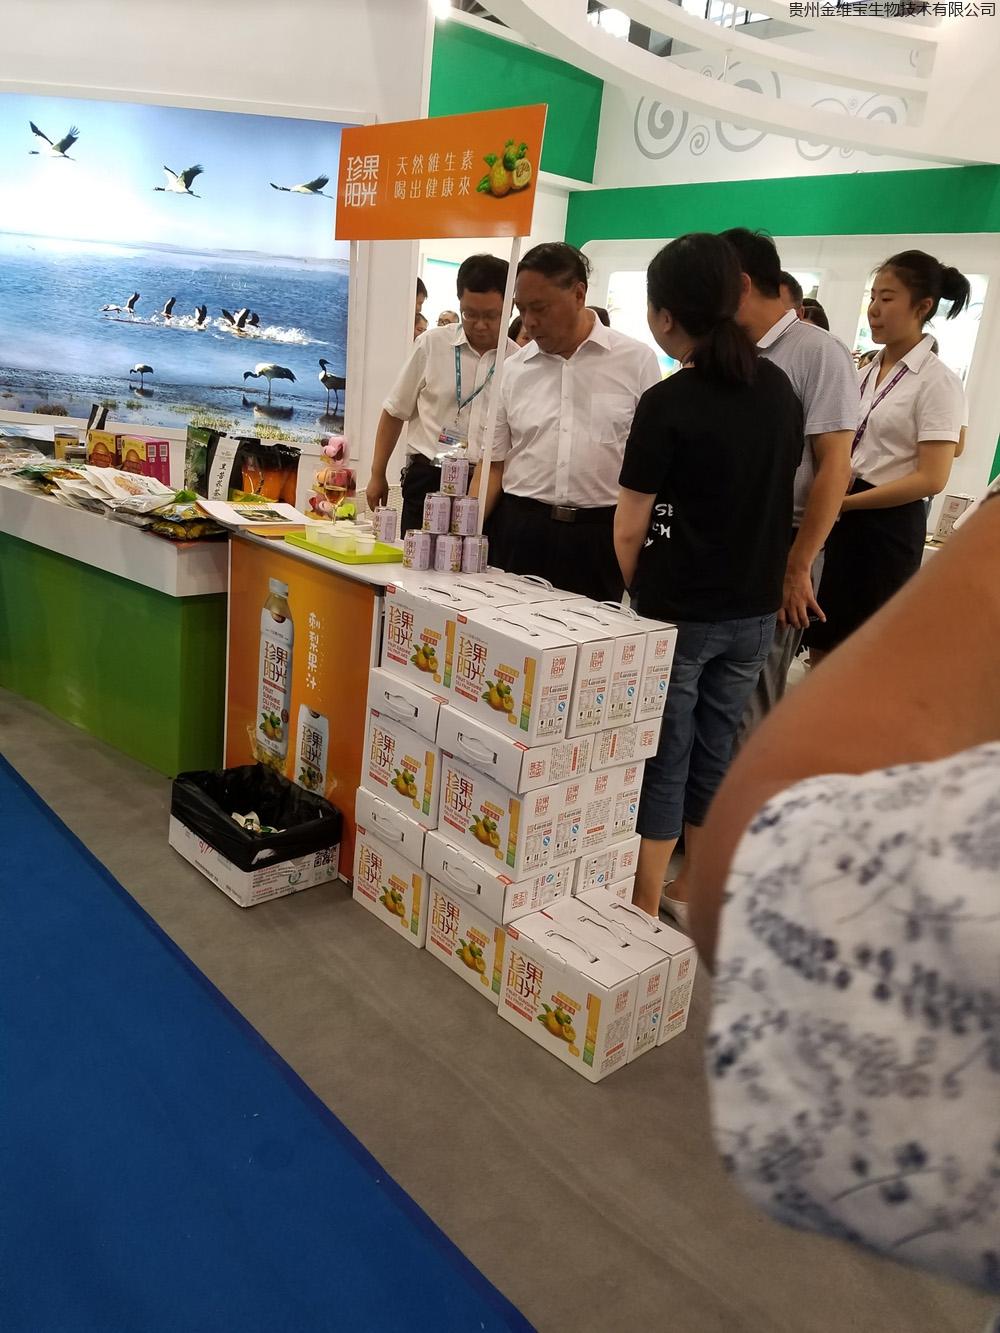 2016年7月9日,贵州省莅临绿博会,对sbf888官网登录珍果阳光系列胜博发sbf果汁进行品尝了解。